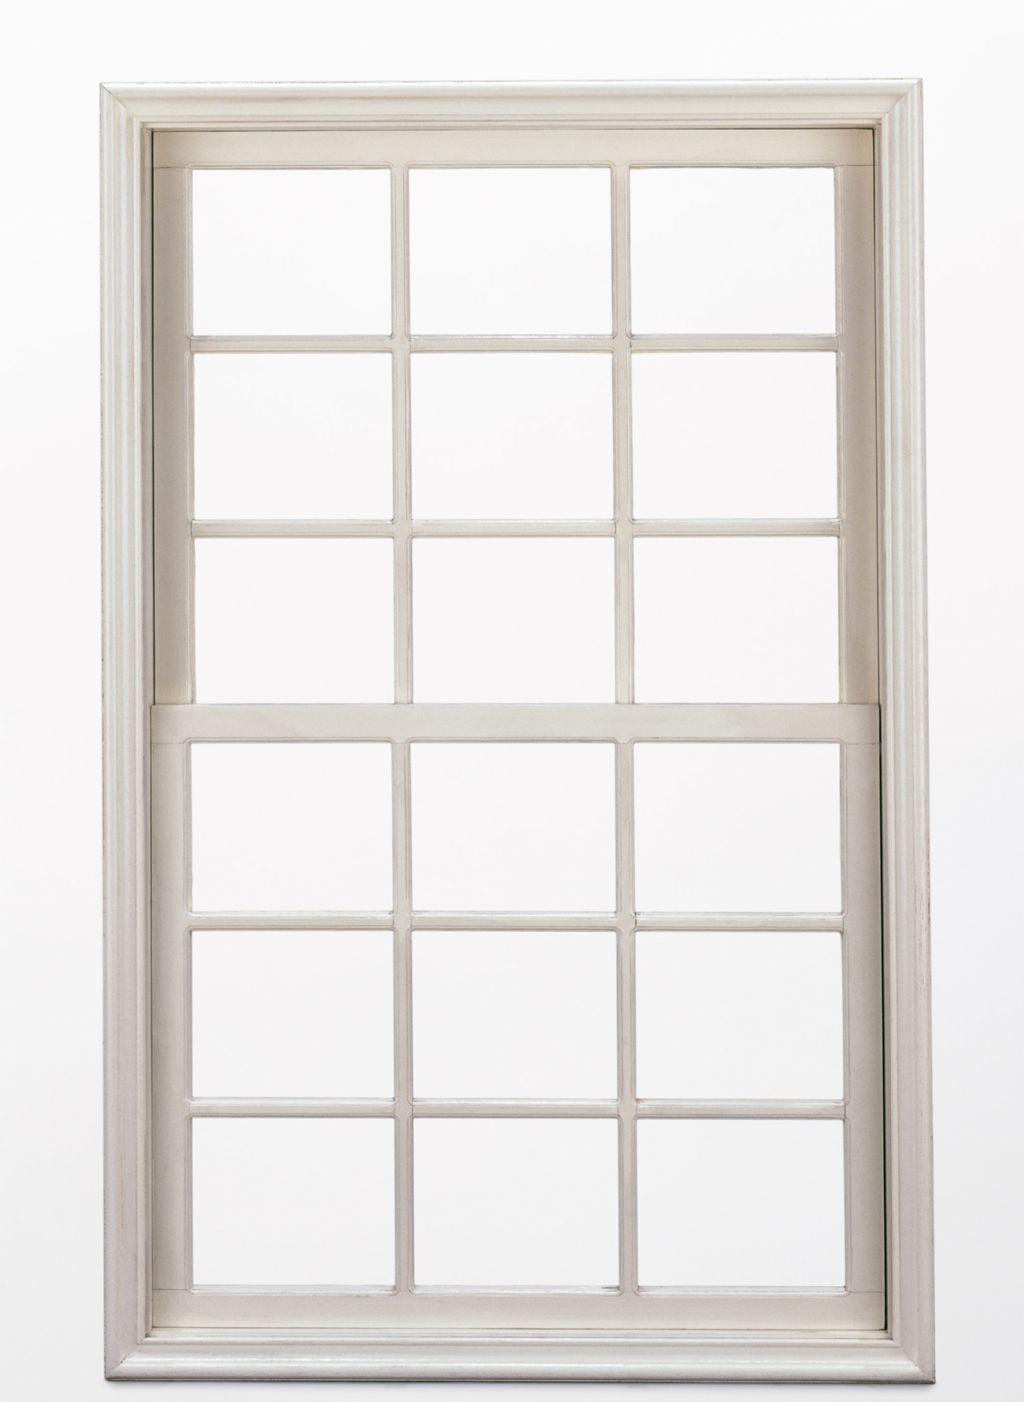 Vertical de aluminio que resbala la sola ventana colgada - Cerramientos de aluminio precio por metro cuadrado ...